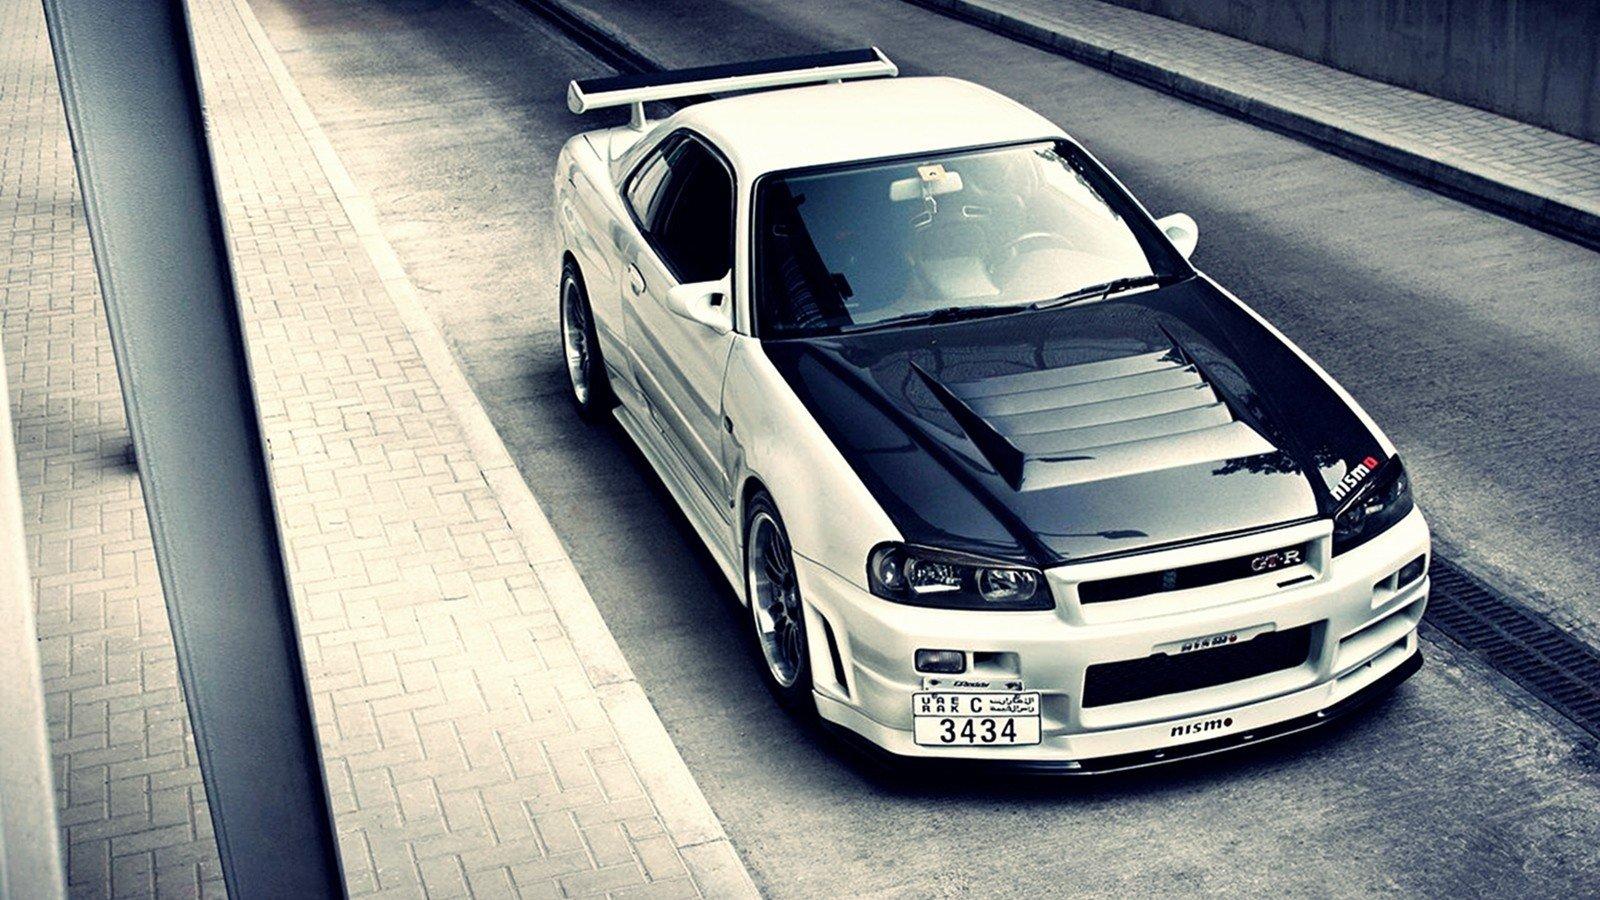 Cars Nissan Nissan Skyline R34 GT R Nissan Skyline R34 1600x900